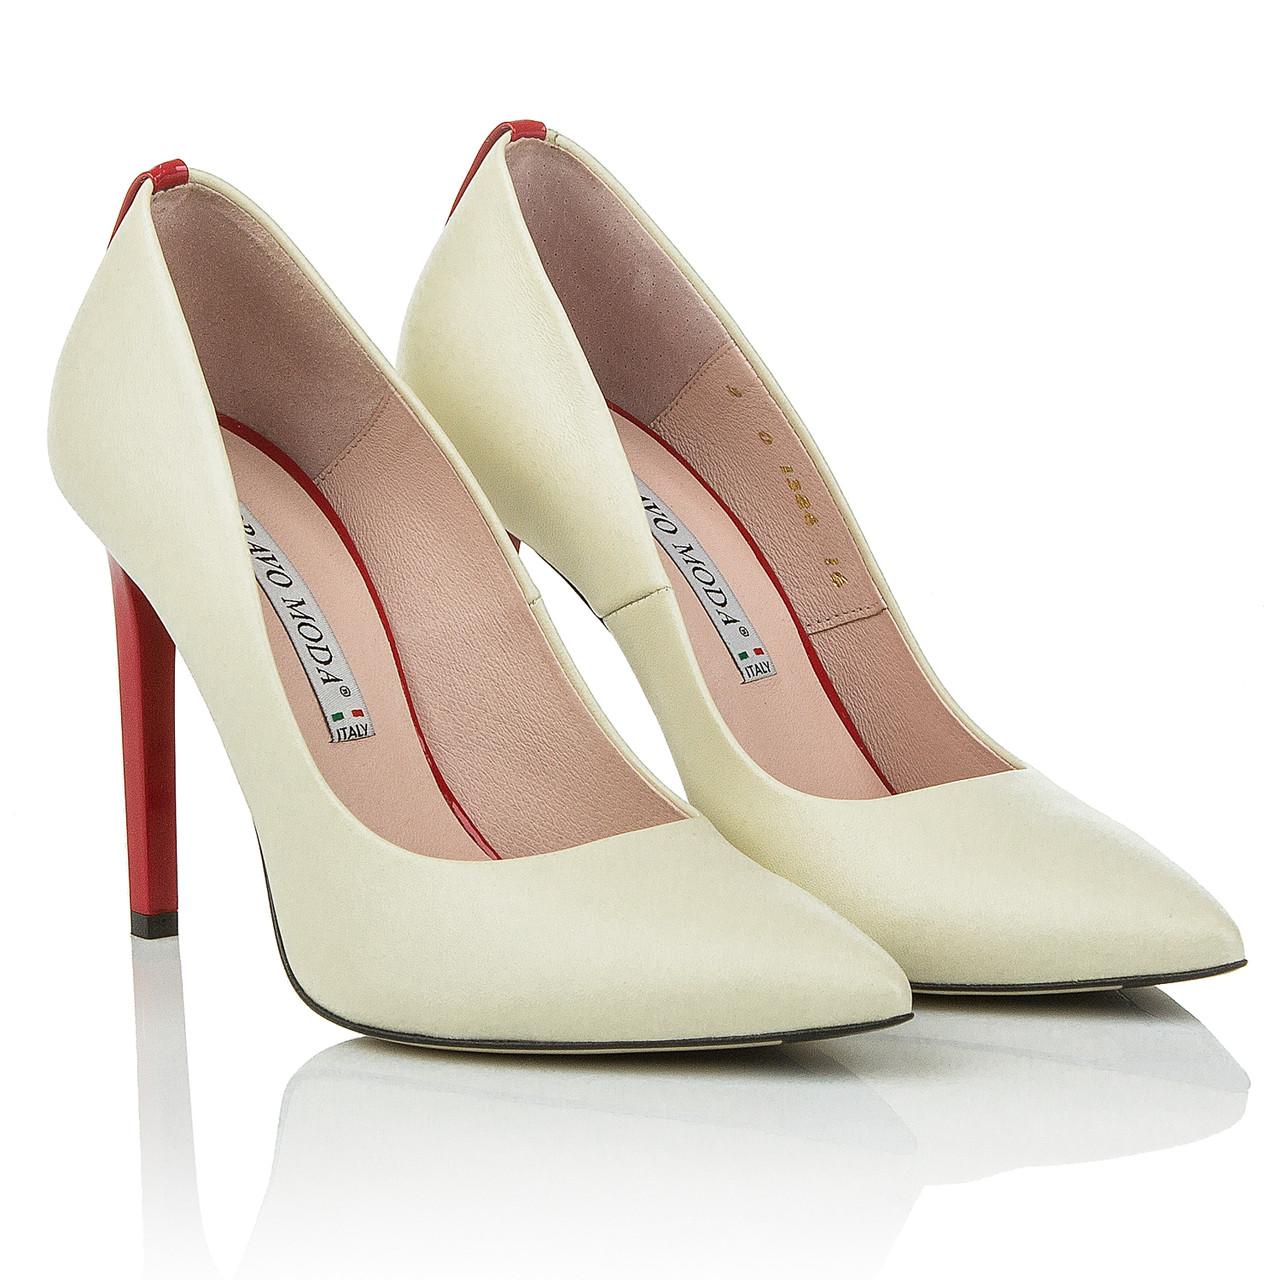 78af4170cb39 Кожаные туфли лодочки Bravo moda (роскошное сочетание бежевого цвета с  красным каблуком, острый носок